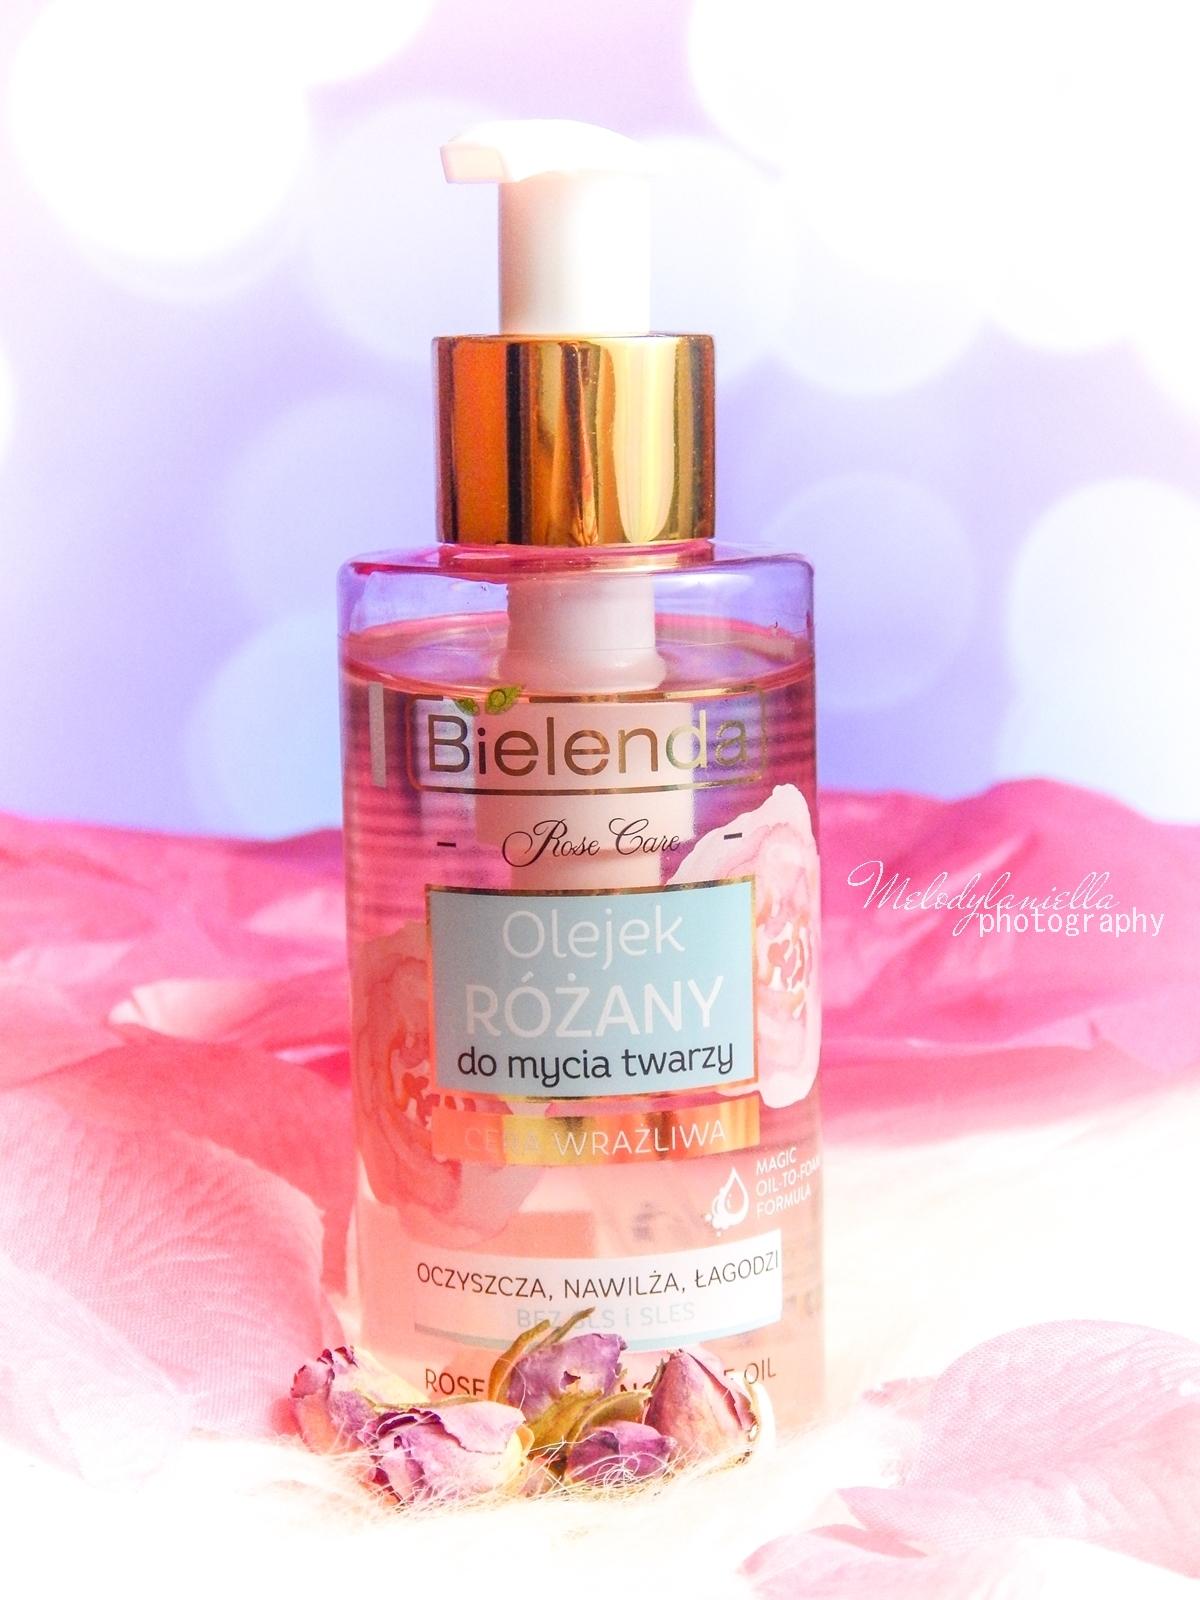 9 Bielenda rose care różany krem do twarzy recenzja kojąca woda różana 3w1 olejek różany do mycia twarzy produkty bielenda seria różana melodylaniella test produktów kosmetycznych ciekawe blogi lifestyle